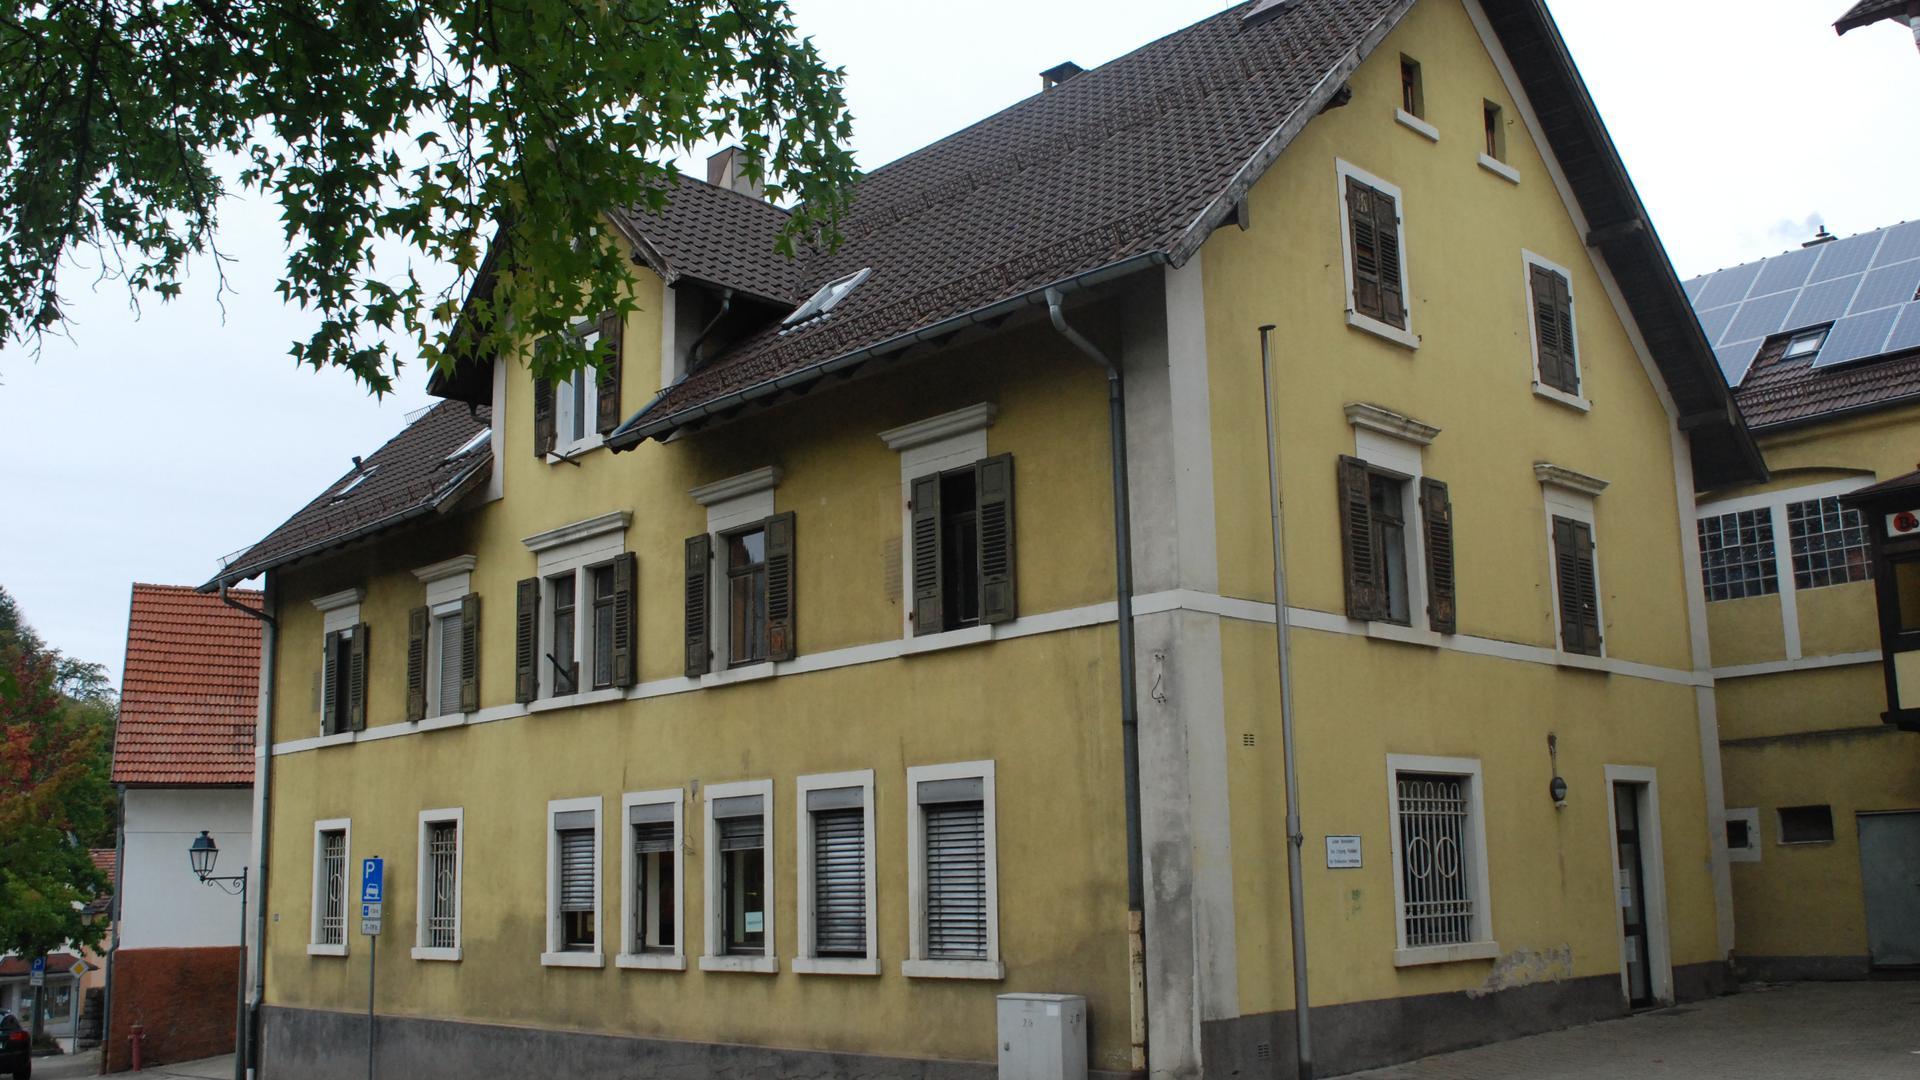 Für die Sanierung der Alten Post, die in das Gebiet des Städtebaulichen Erneuerungsprogramms fällt, rechnet die Gemeinde mit Zuschüssen von rund 325 000 Euro.